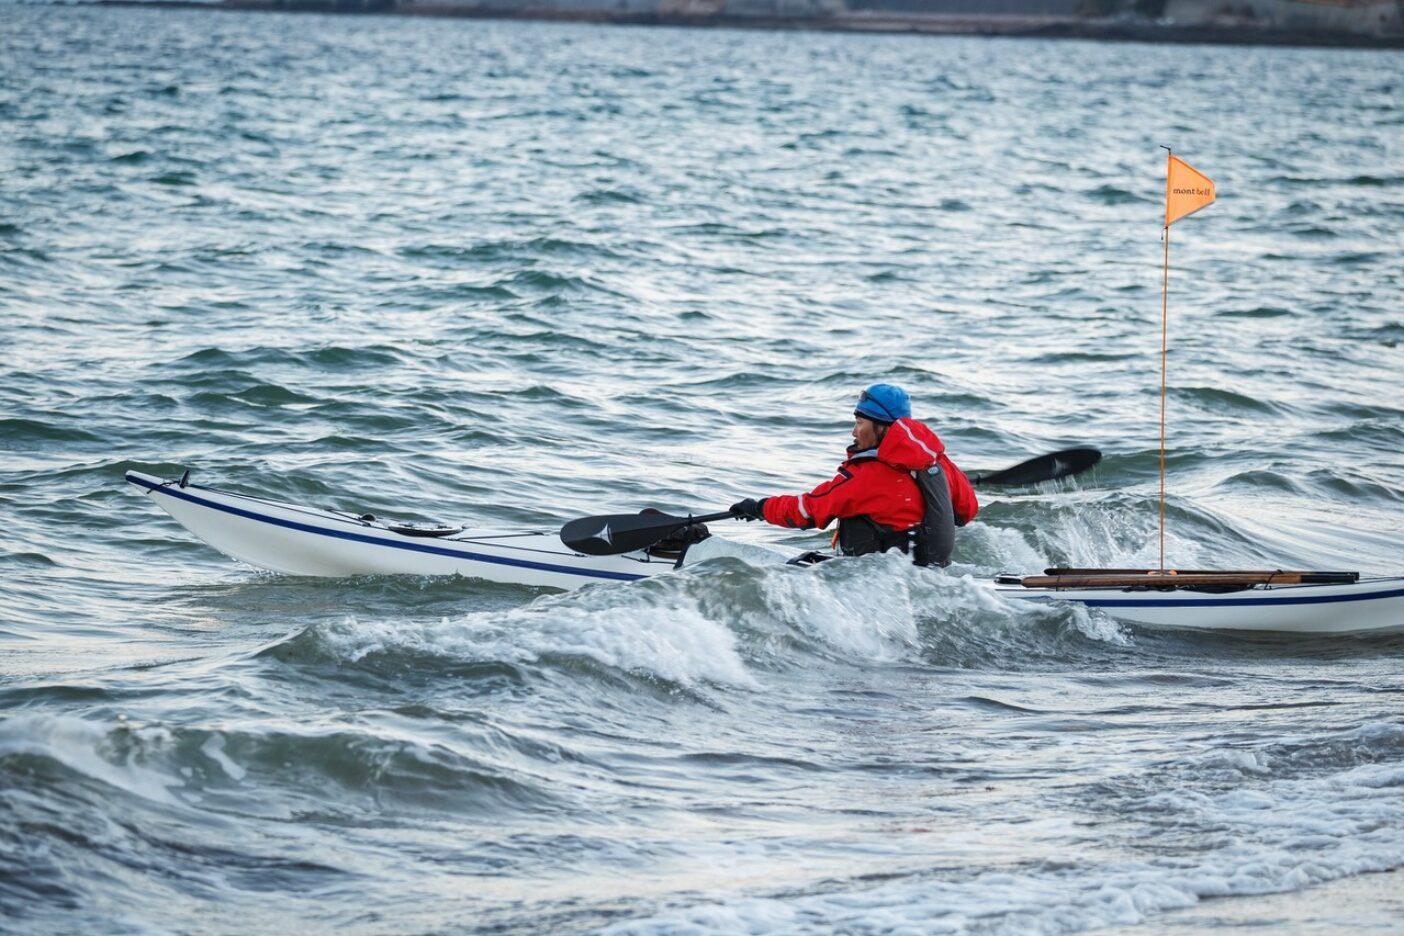 シーカヤックでの海峡横断など、厳しい海旅でもナノ・パフは活躍してくれた。これは瀬戸内海300kmを7日間かけて無補給で横断する『瀬戸内カヤック横断隊』に参加したときの一コマ。11月下旬の骨身に染みる寒さの中、ドライスーツの下にナノ・パフを着込んで漕ぎ続けた。 Photo:Makoto Yamada